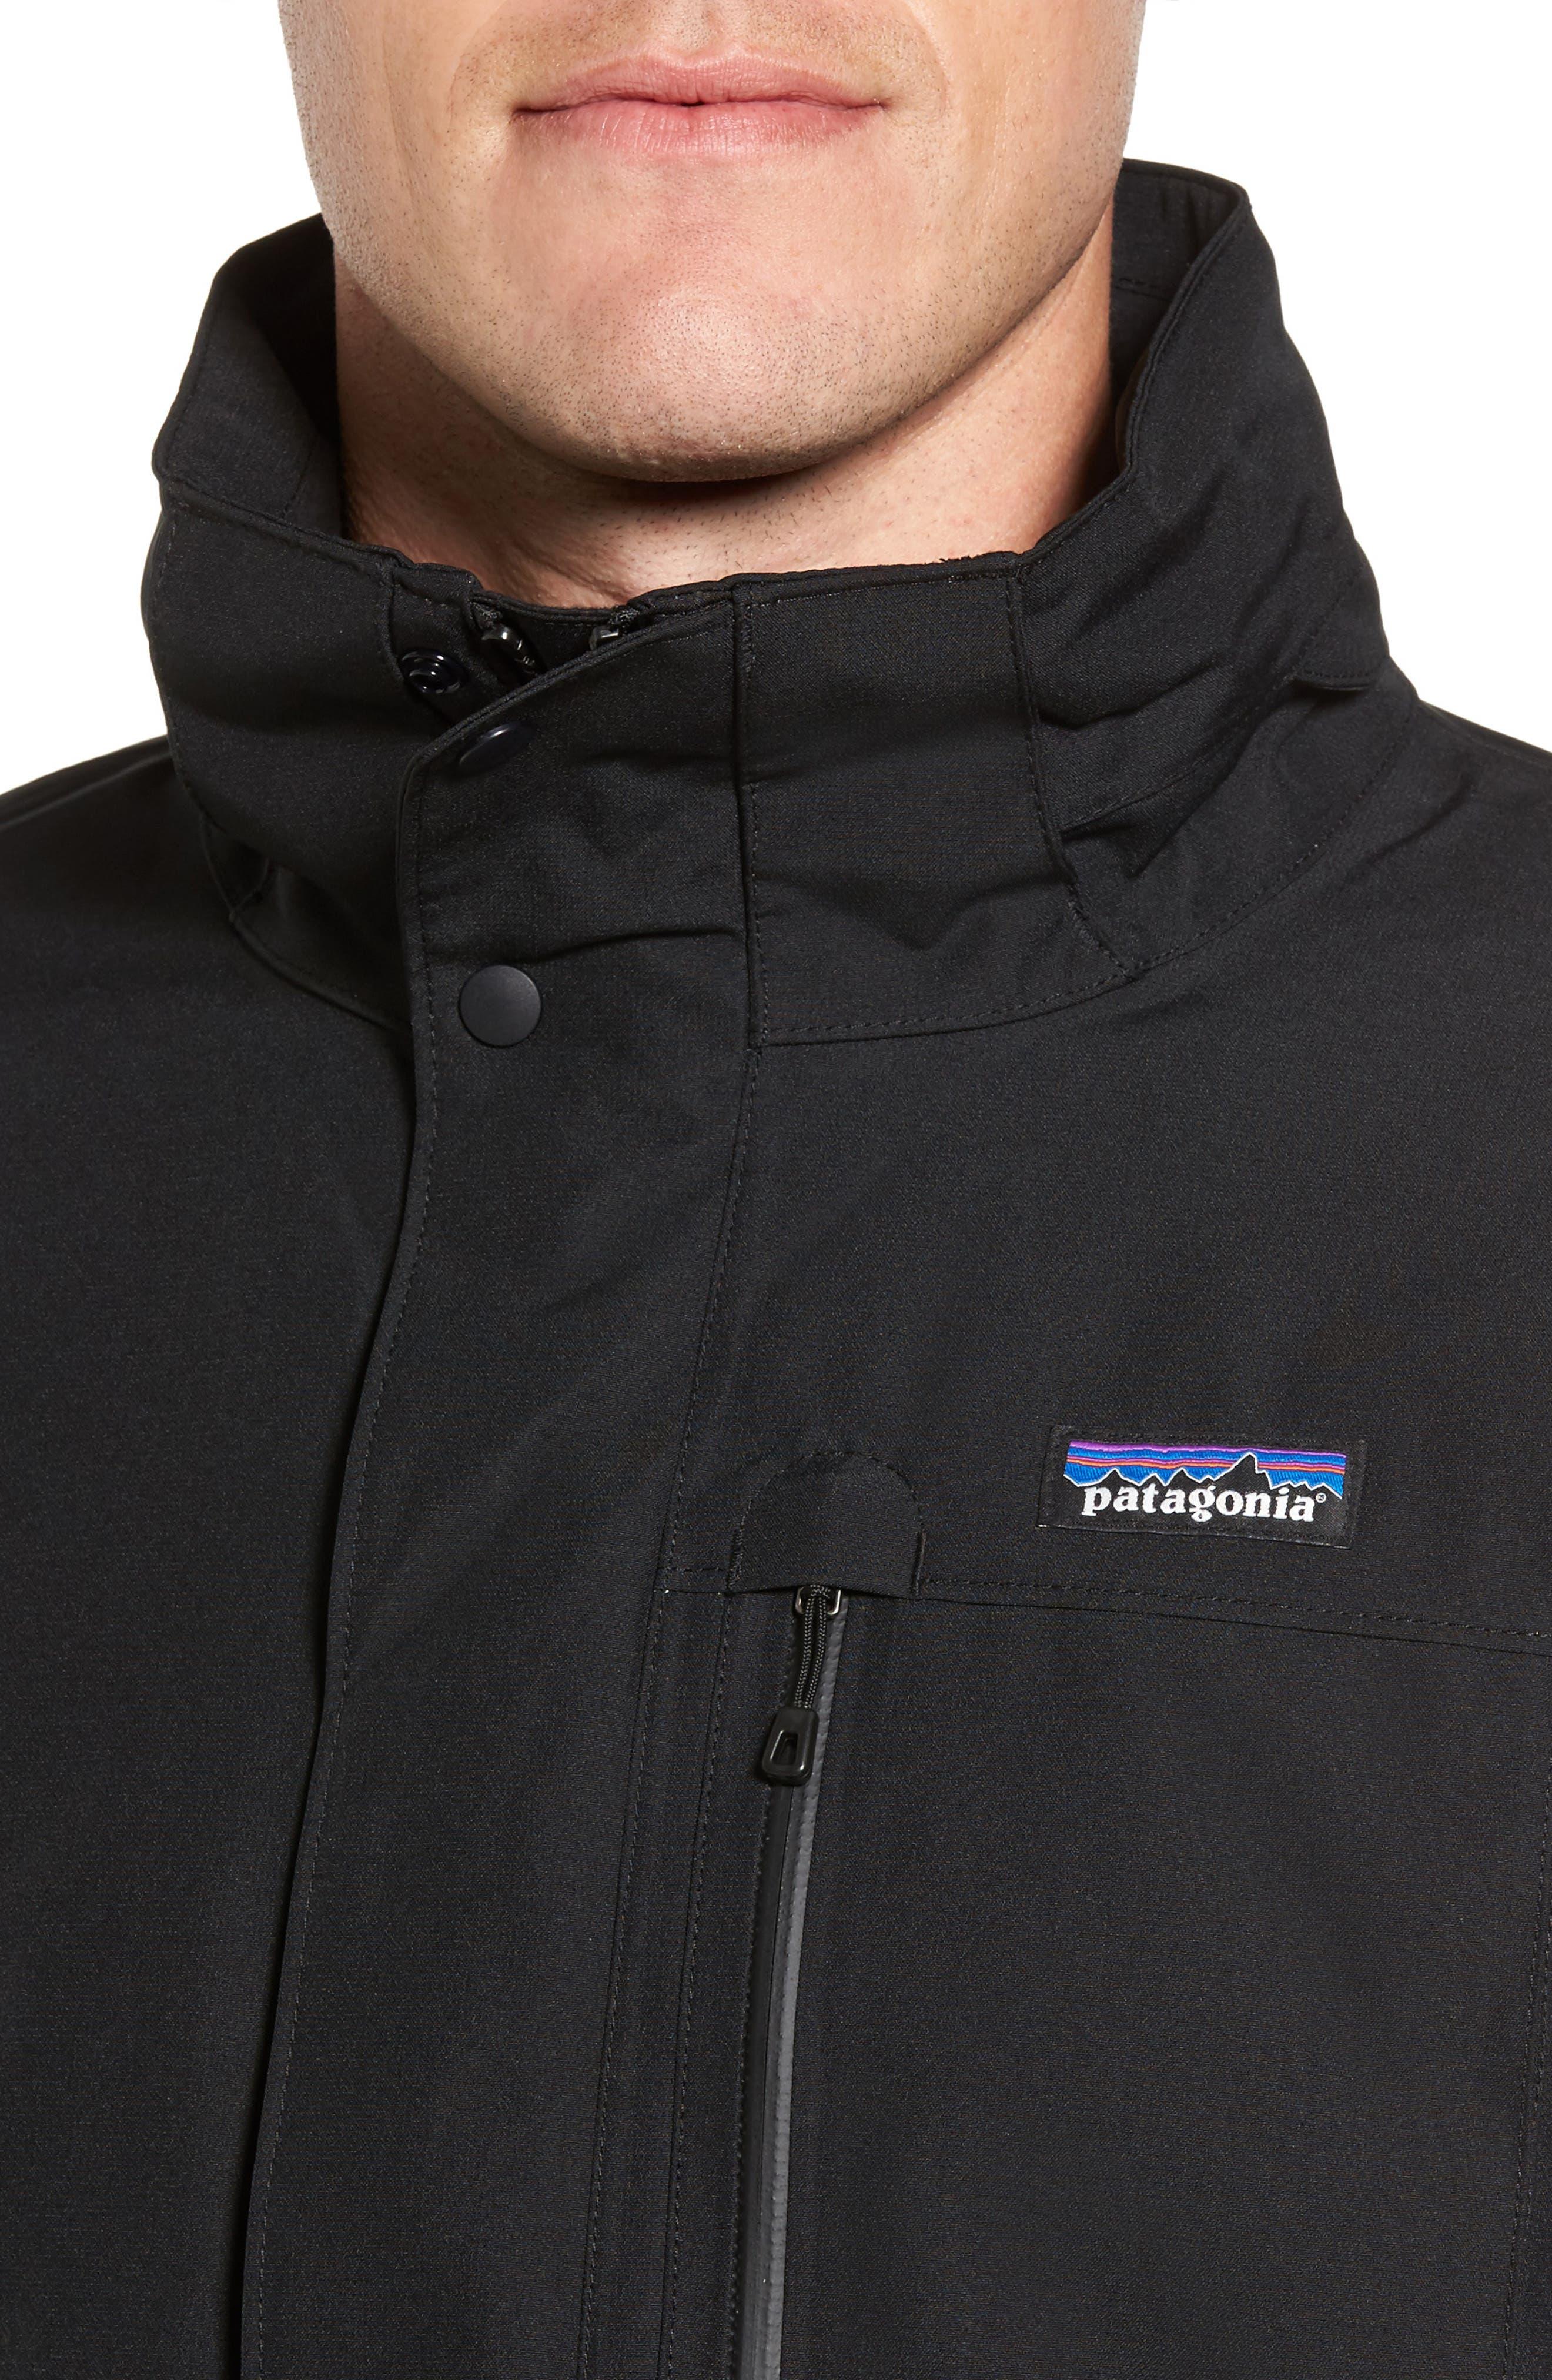 Topley Waterproof Down Jacket,                             Alternate thumbnail 4, color,                             Black